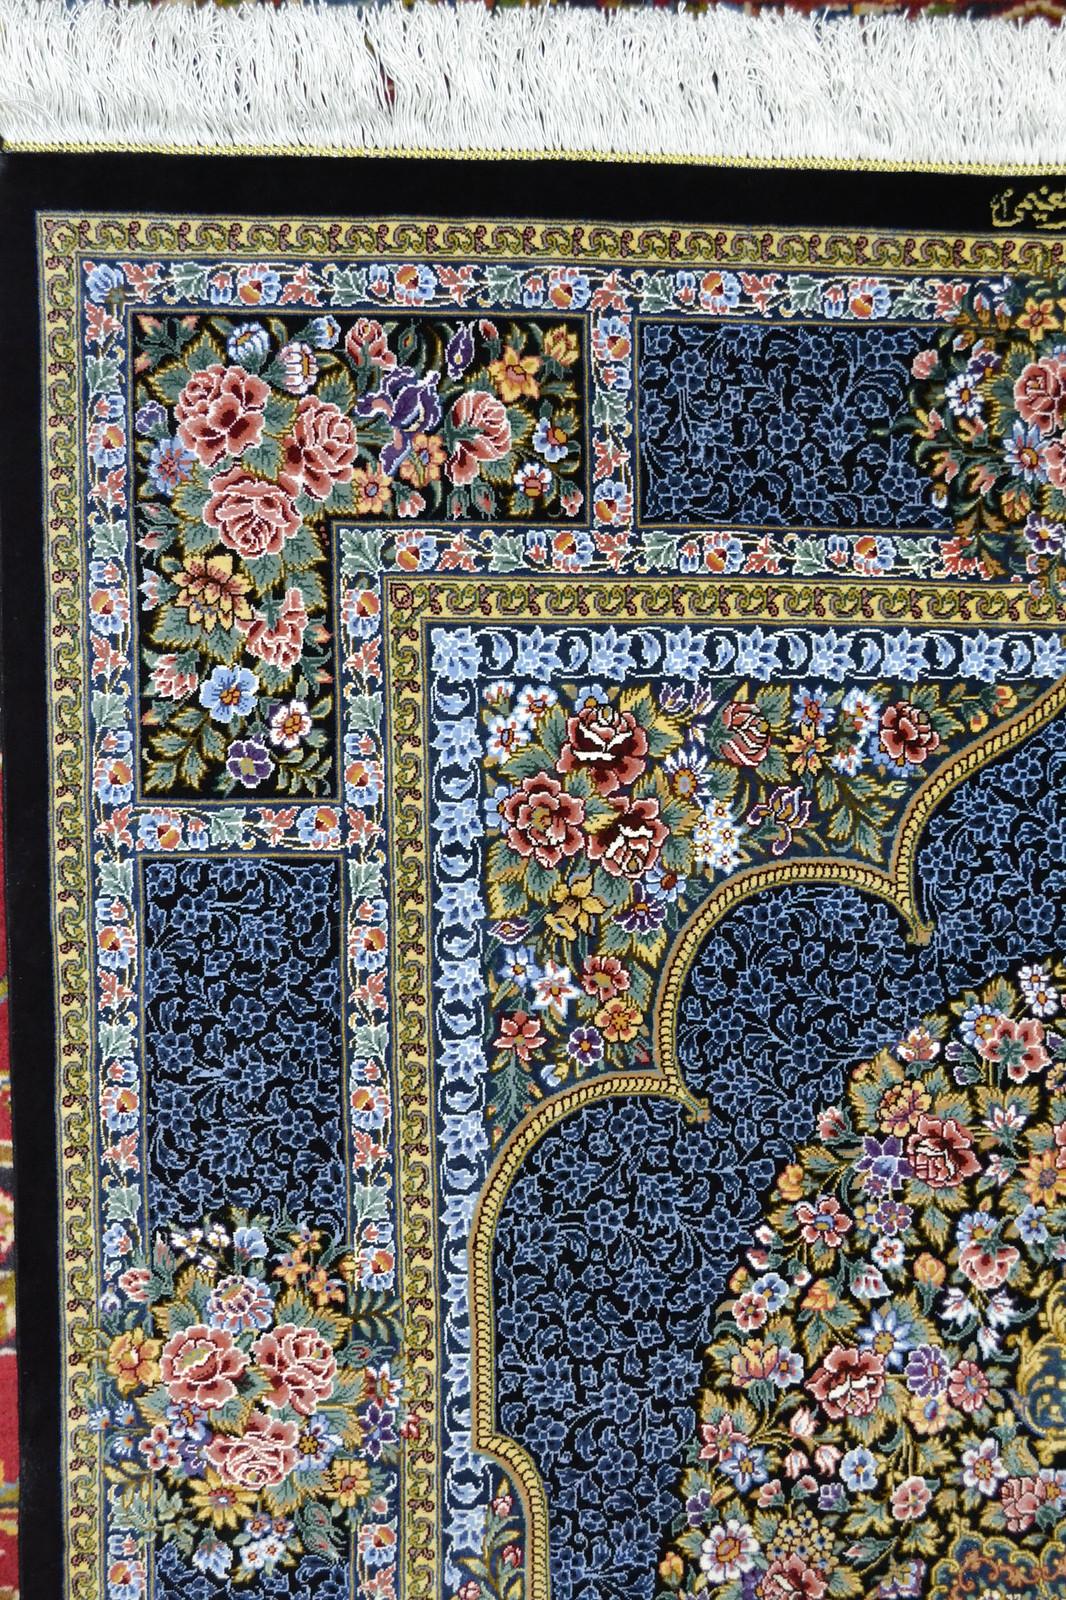 Qum Pure Silk Persian Rug Blue 3x5 Masterpiece 1000 KPSI (6)